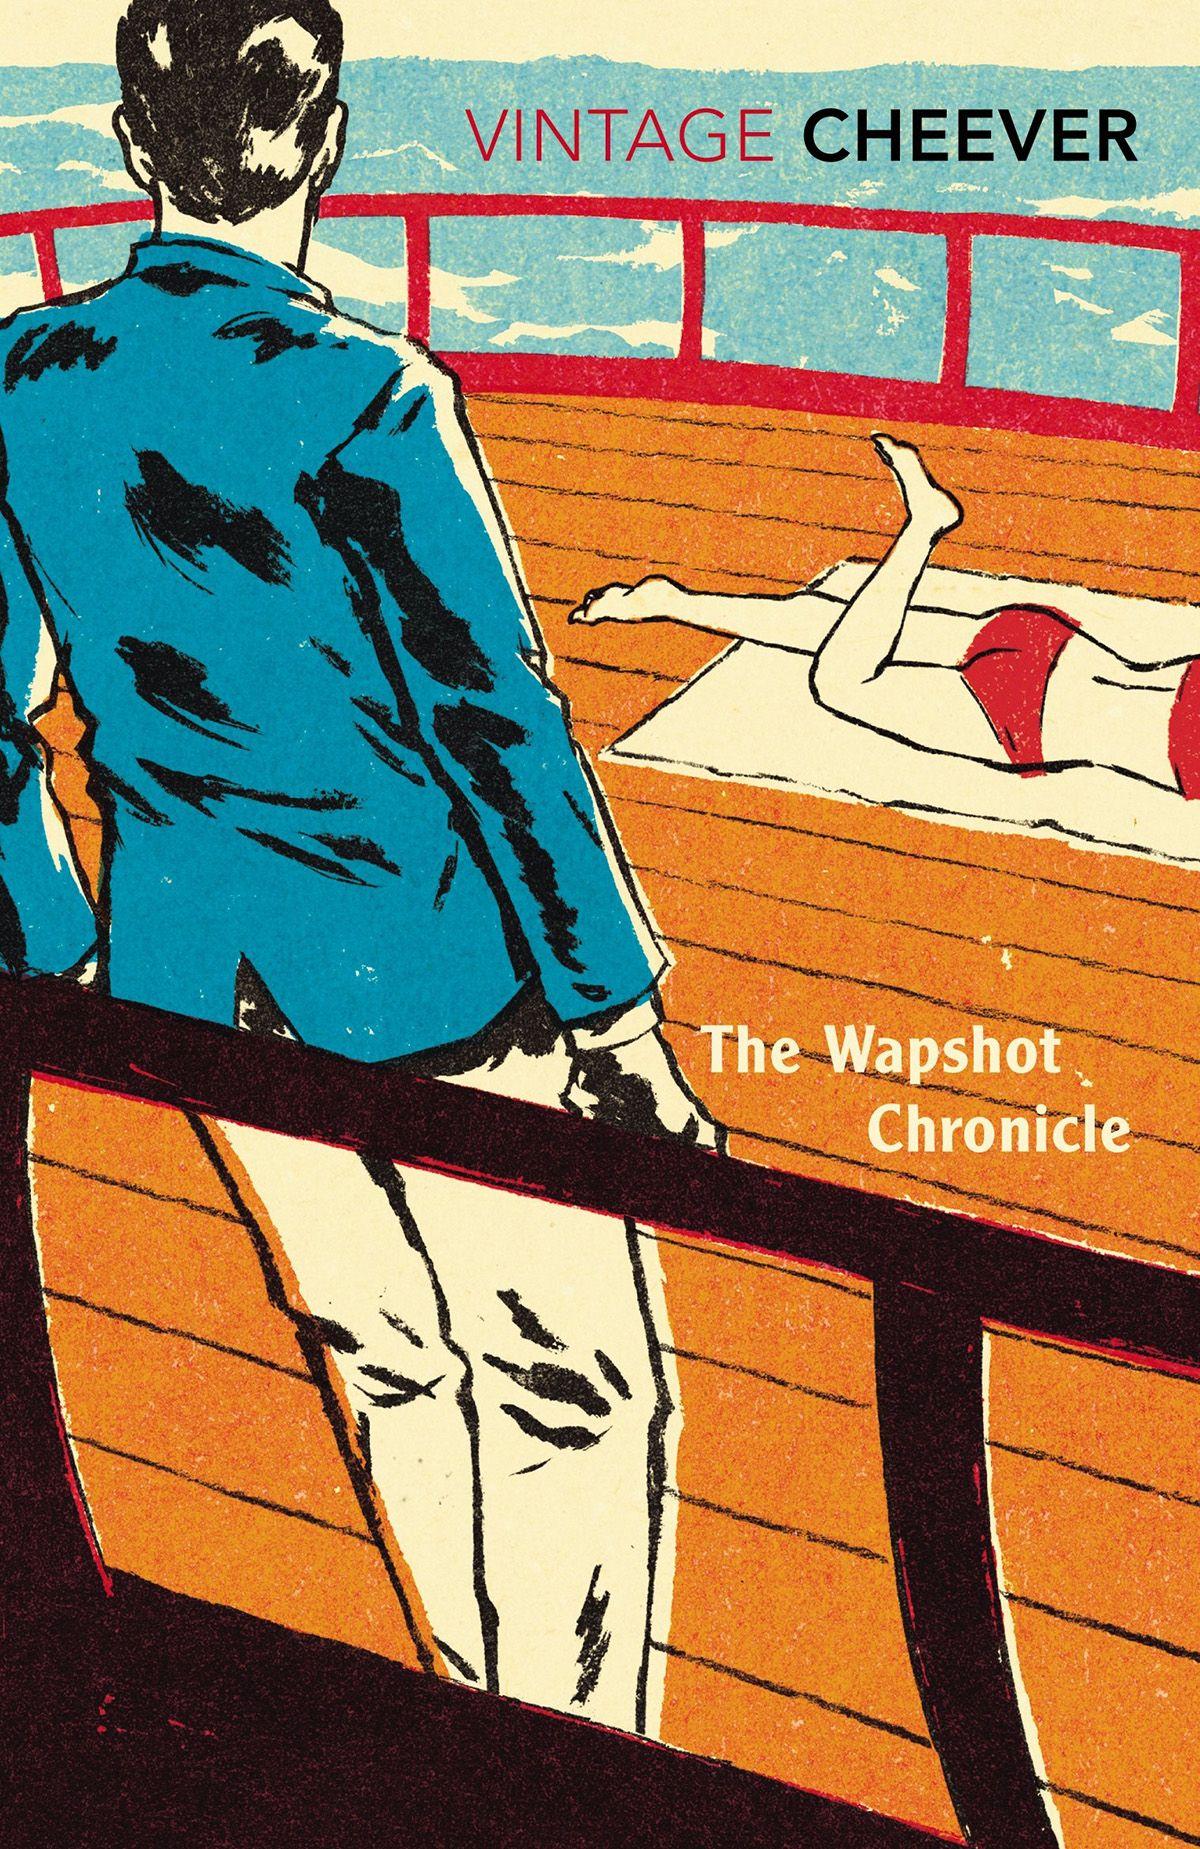 09 The Wapshot Chronicle, by John Cheever